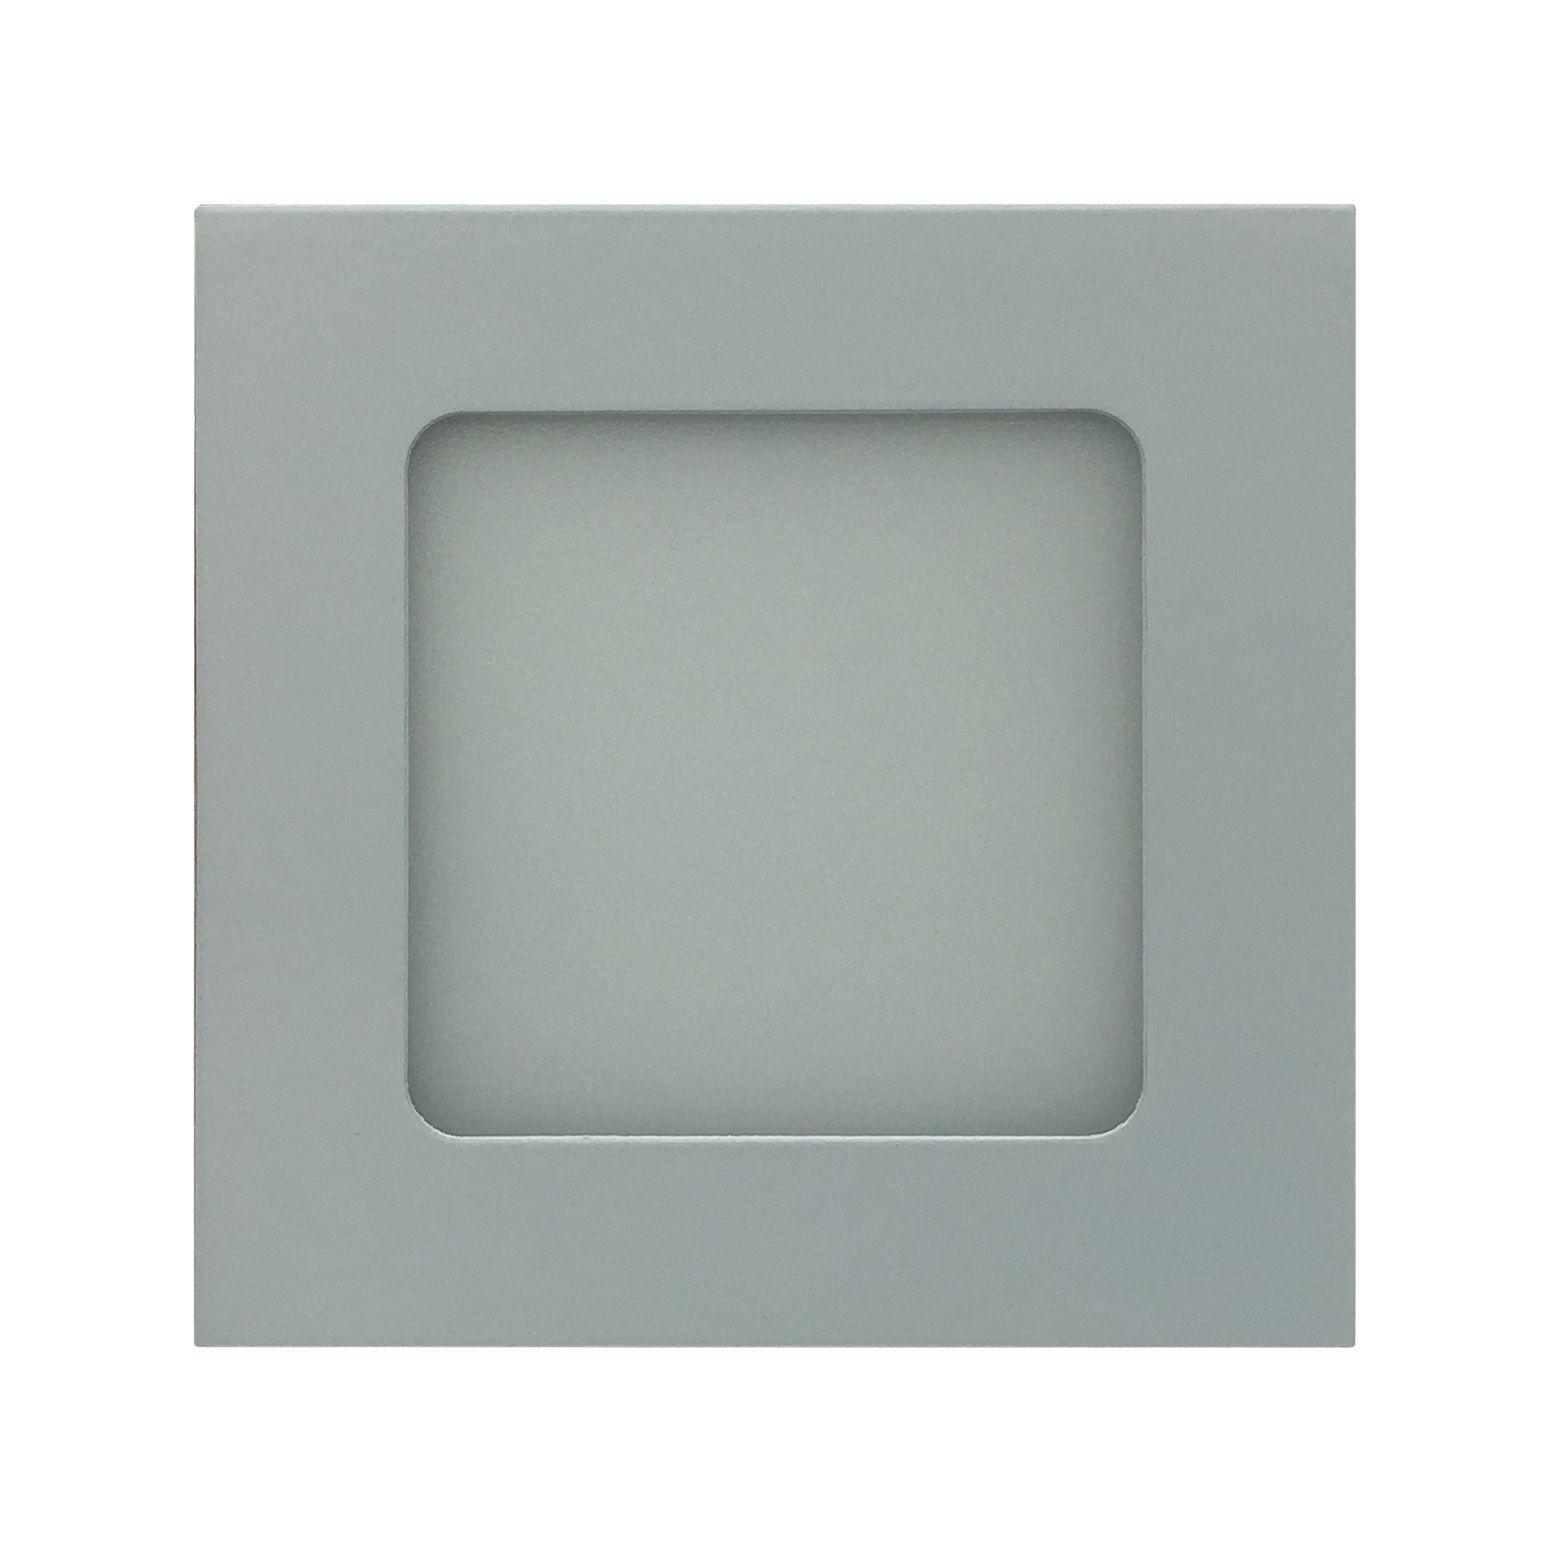 Painel de LED Embutir Quadrado 6000K - 3W (Bivolt)